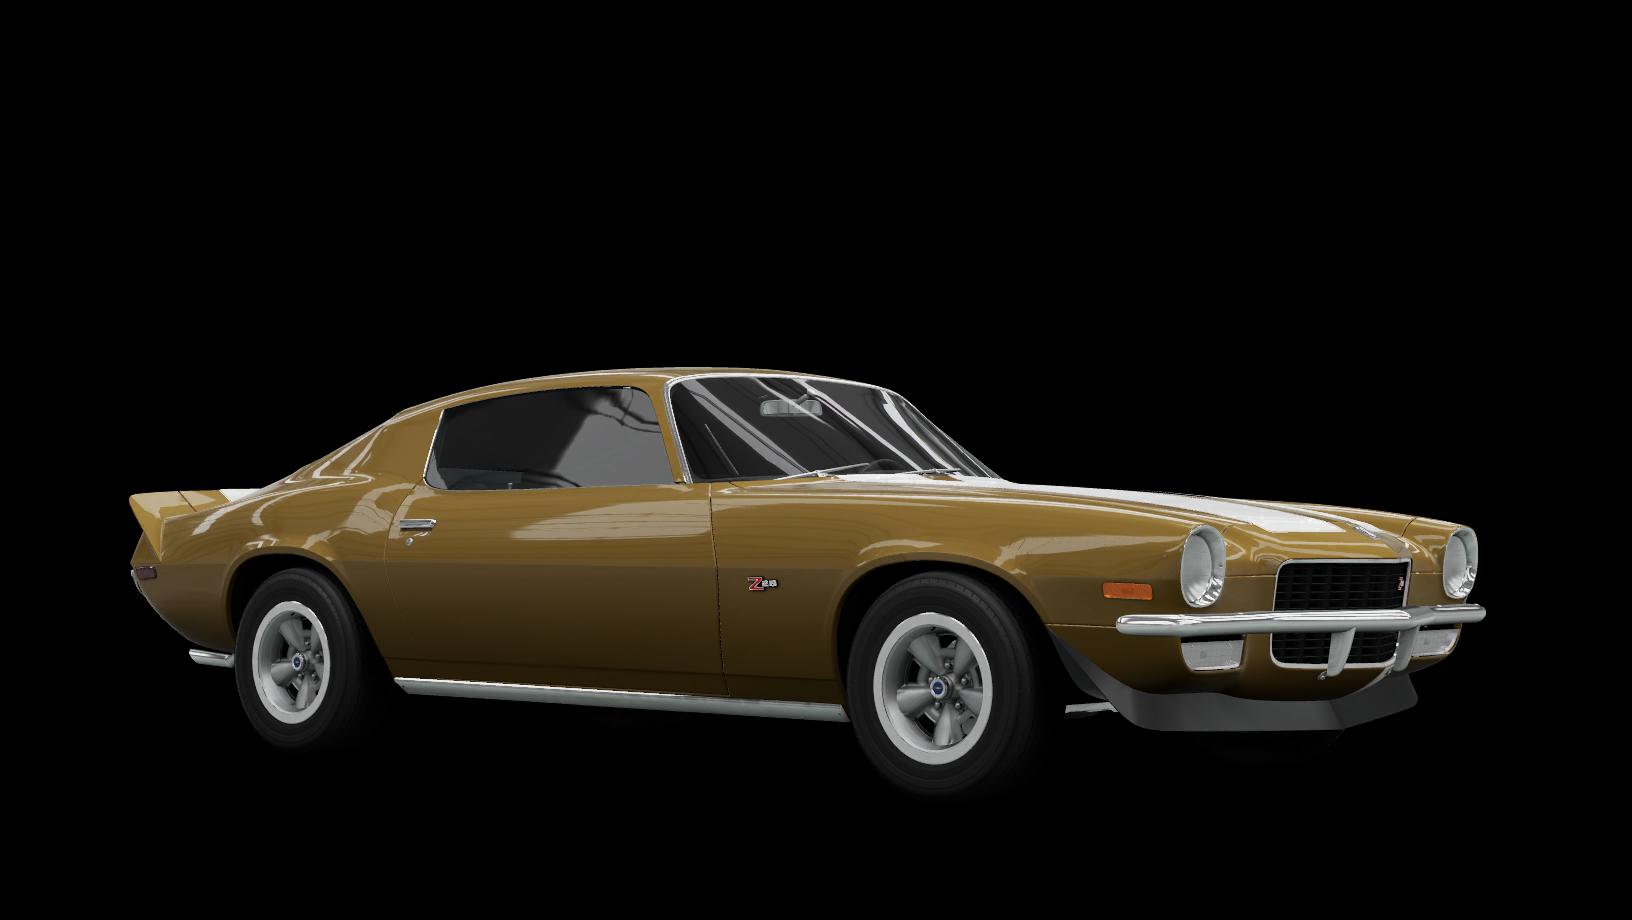 Chevrolet Camaro Z28 (1970)